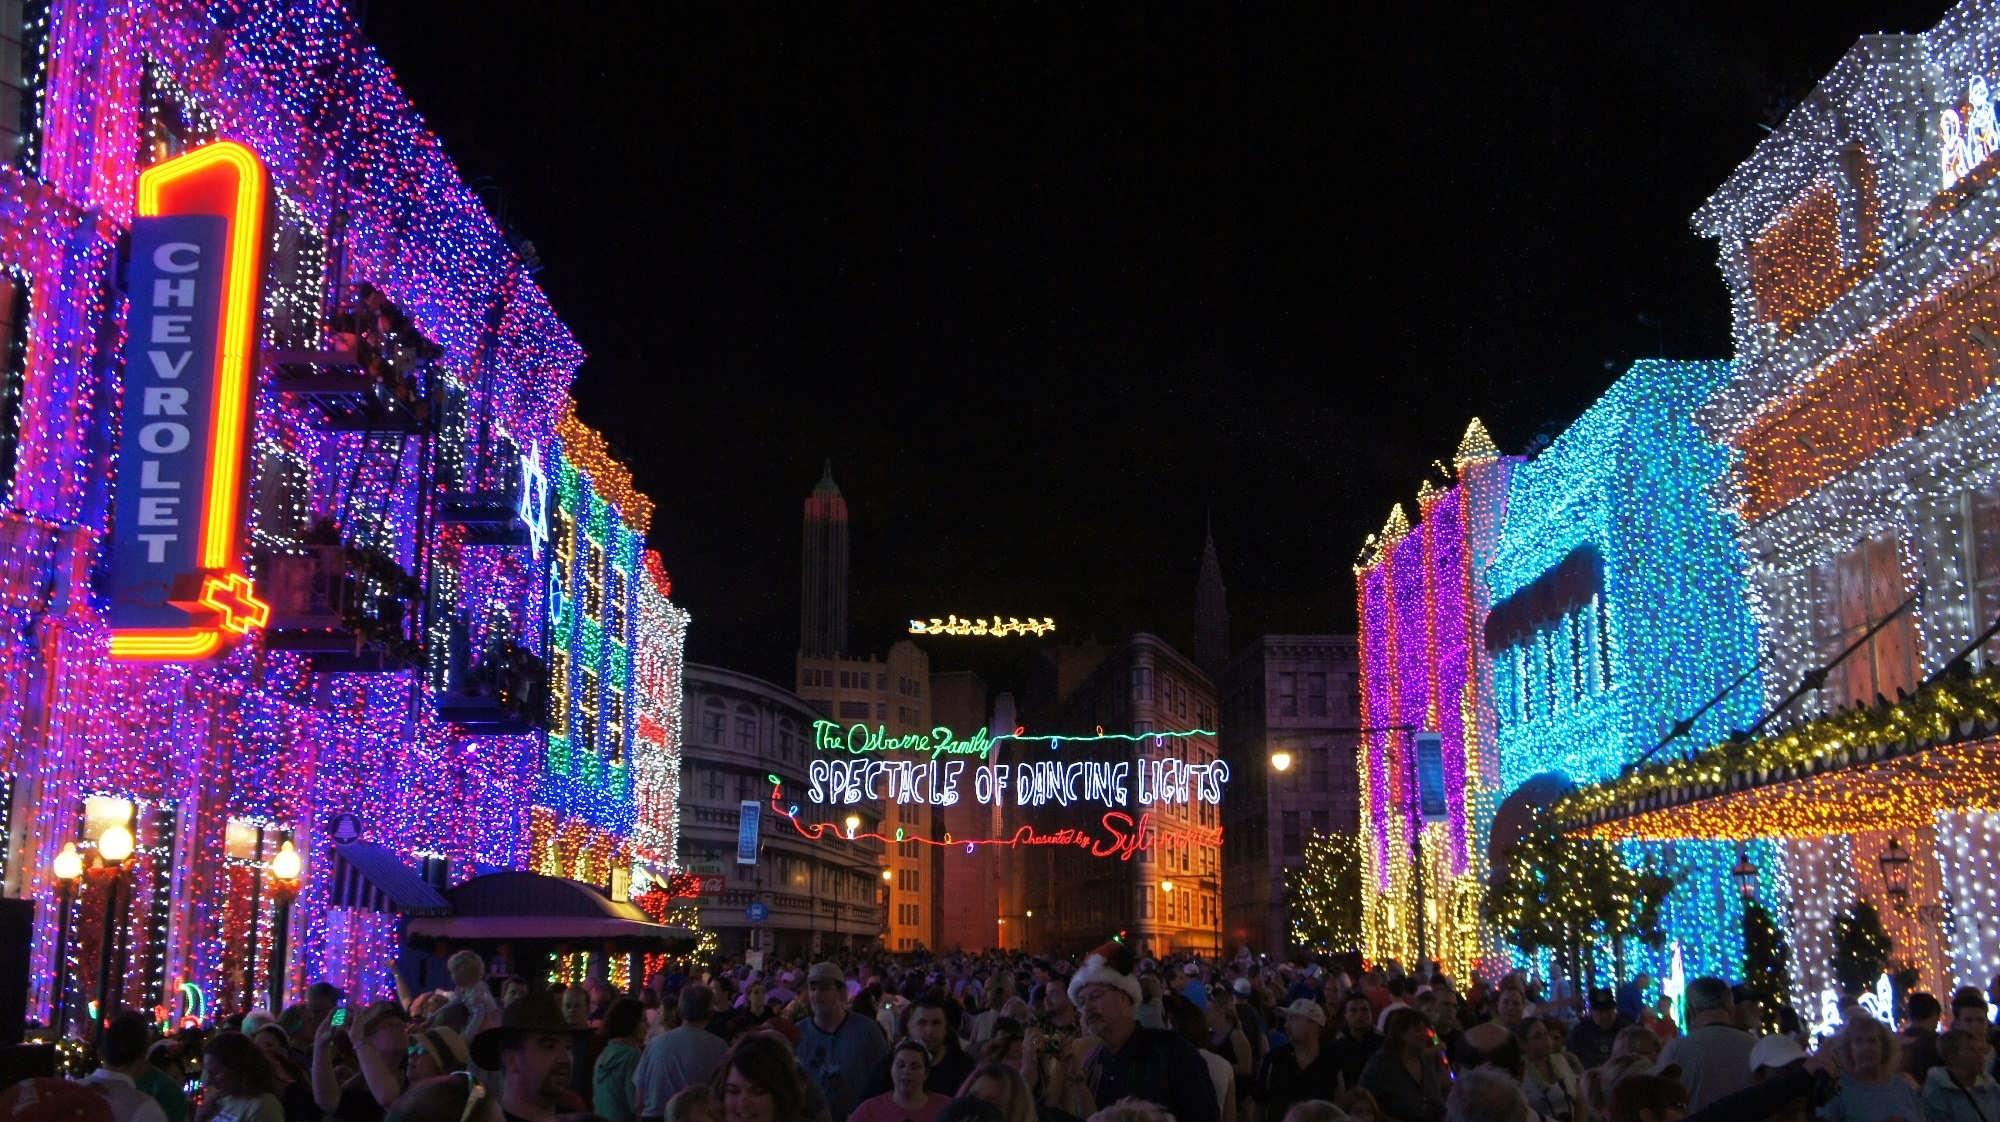 osborne family spectacle of dancing lights 2011 - Osborne Family Christmas Lights